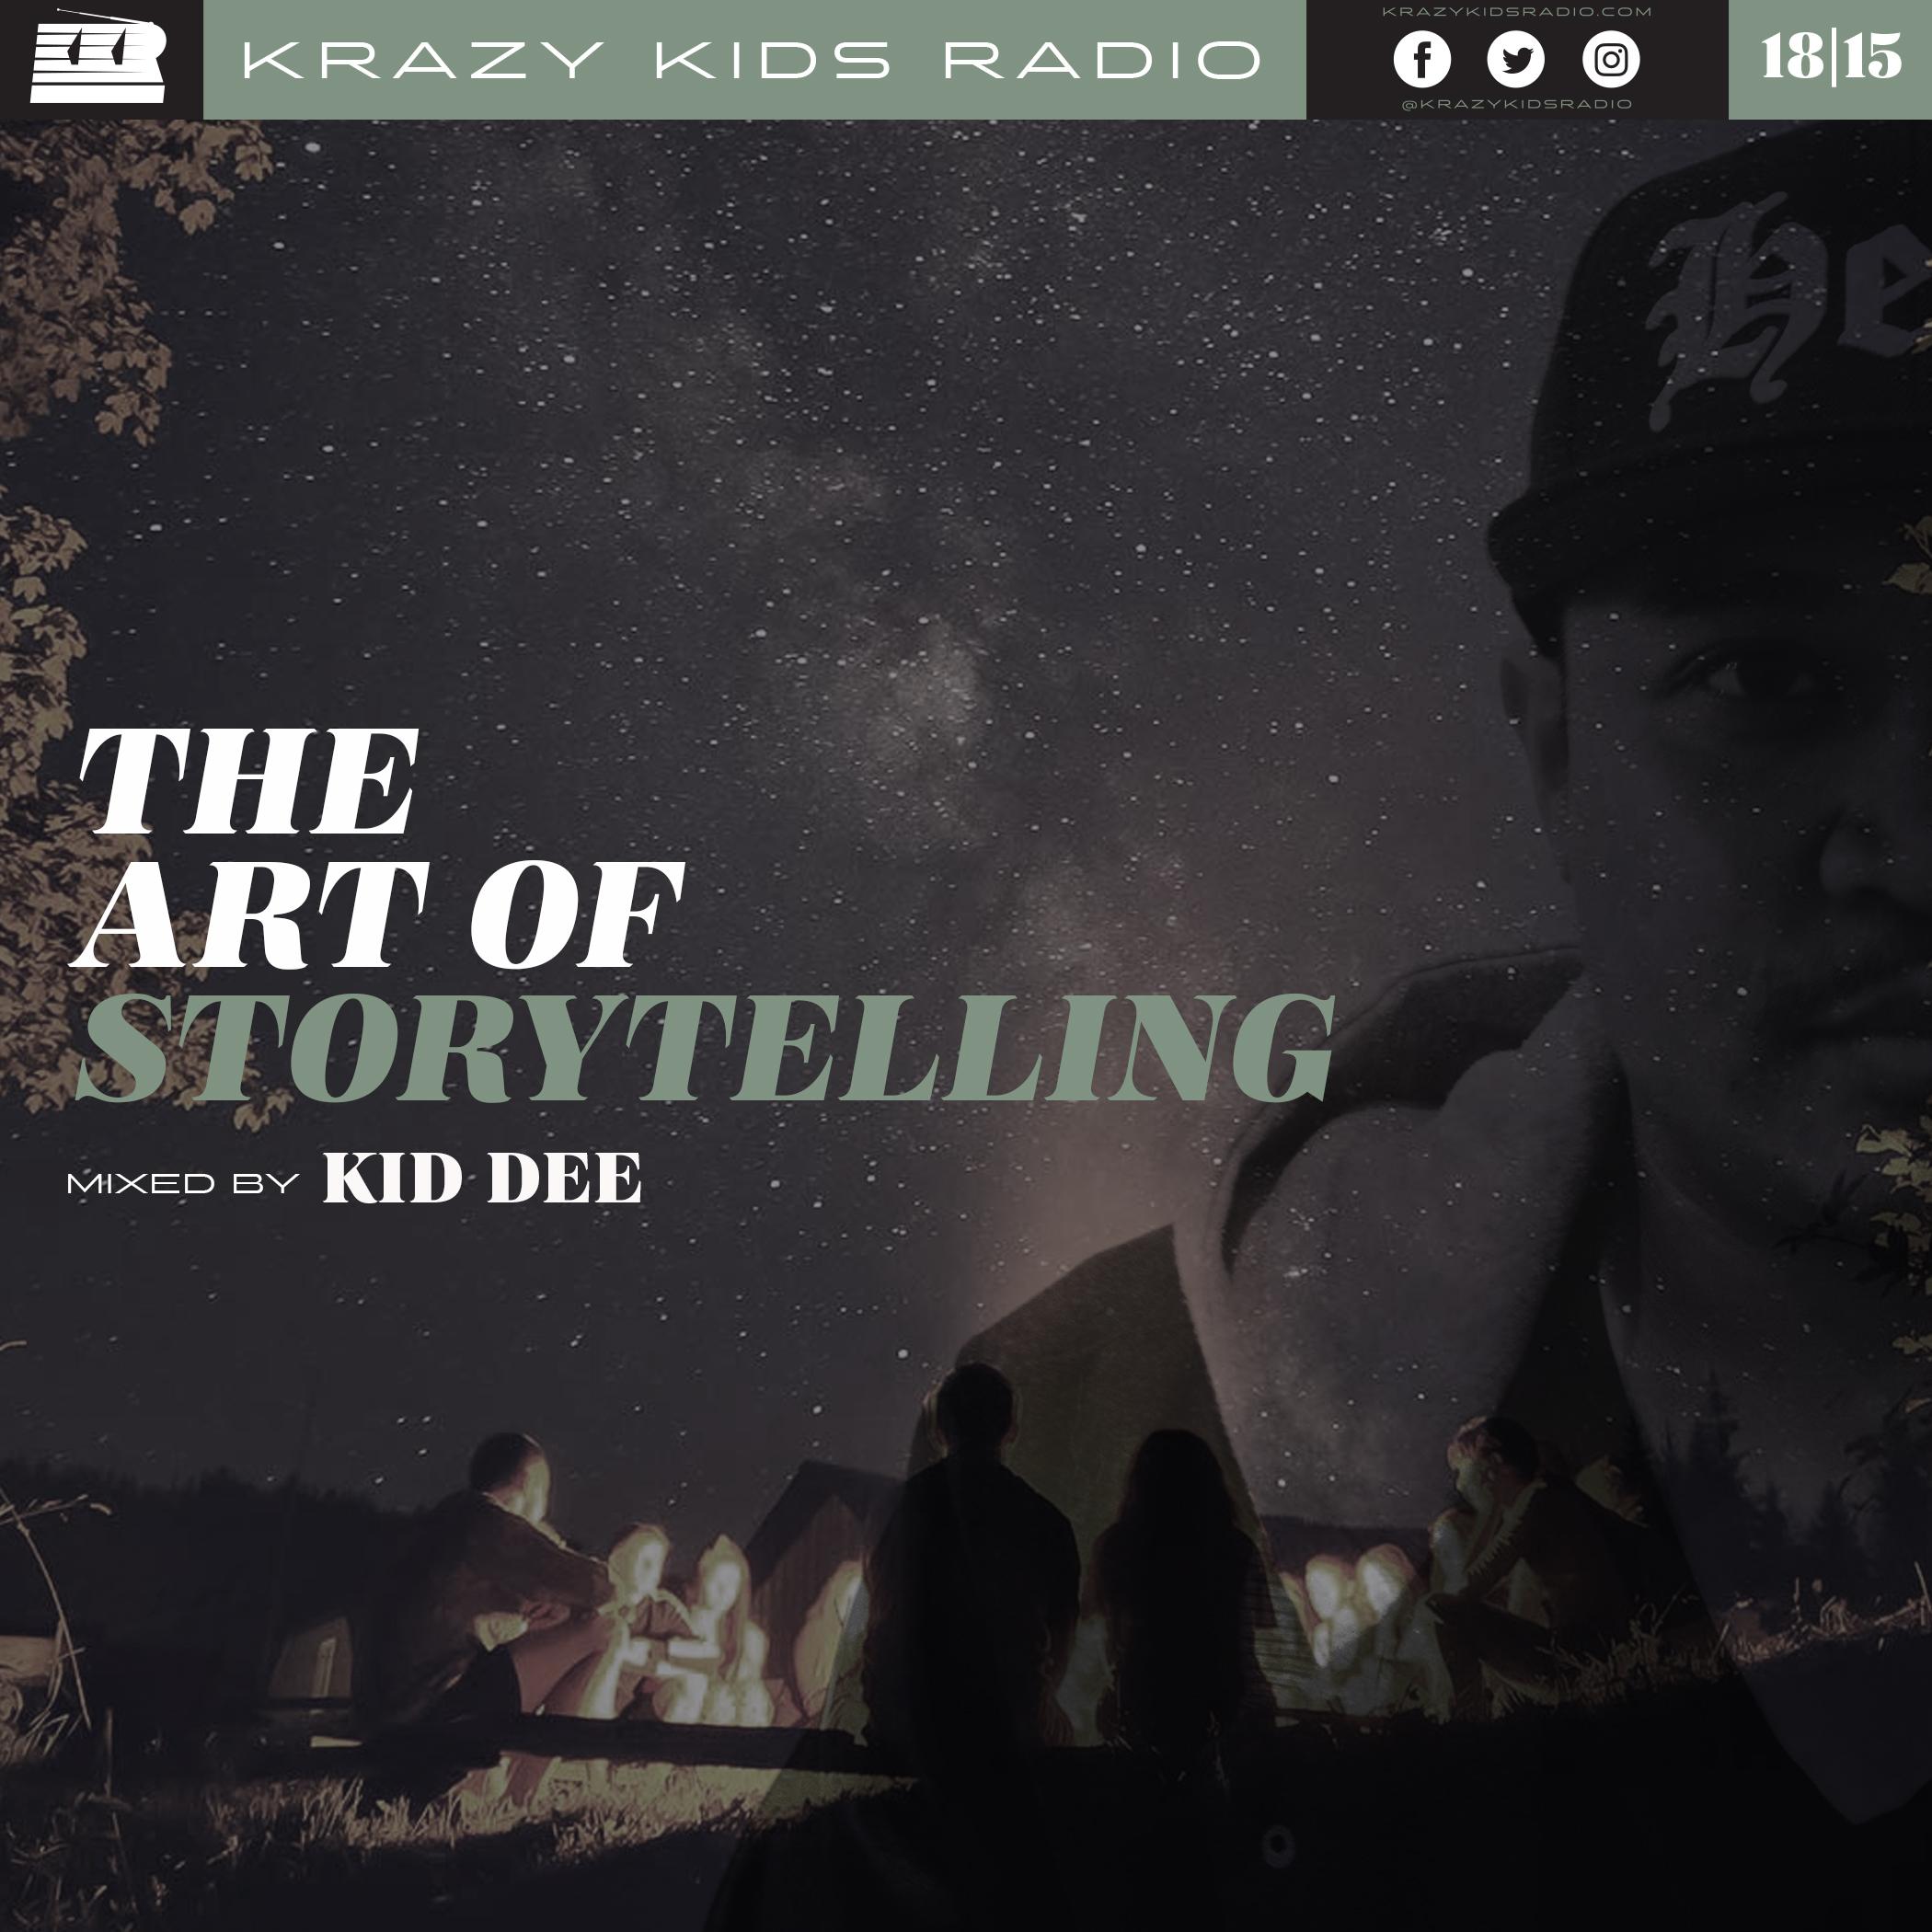 KKR_THE-ART-OF-STORYTELLING.jpg